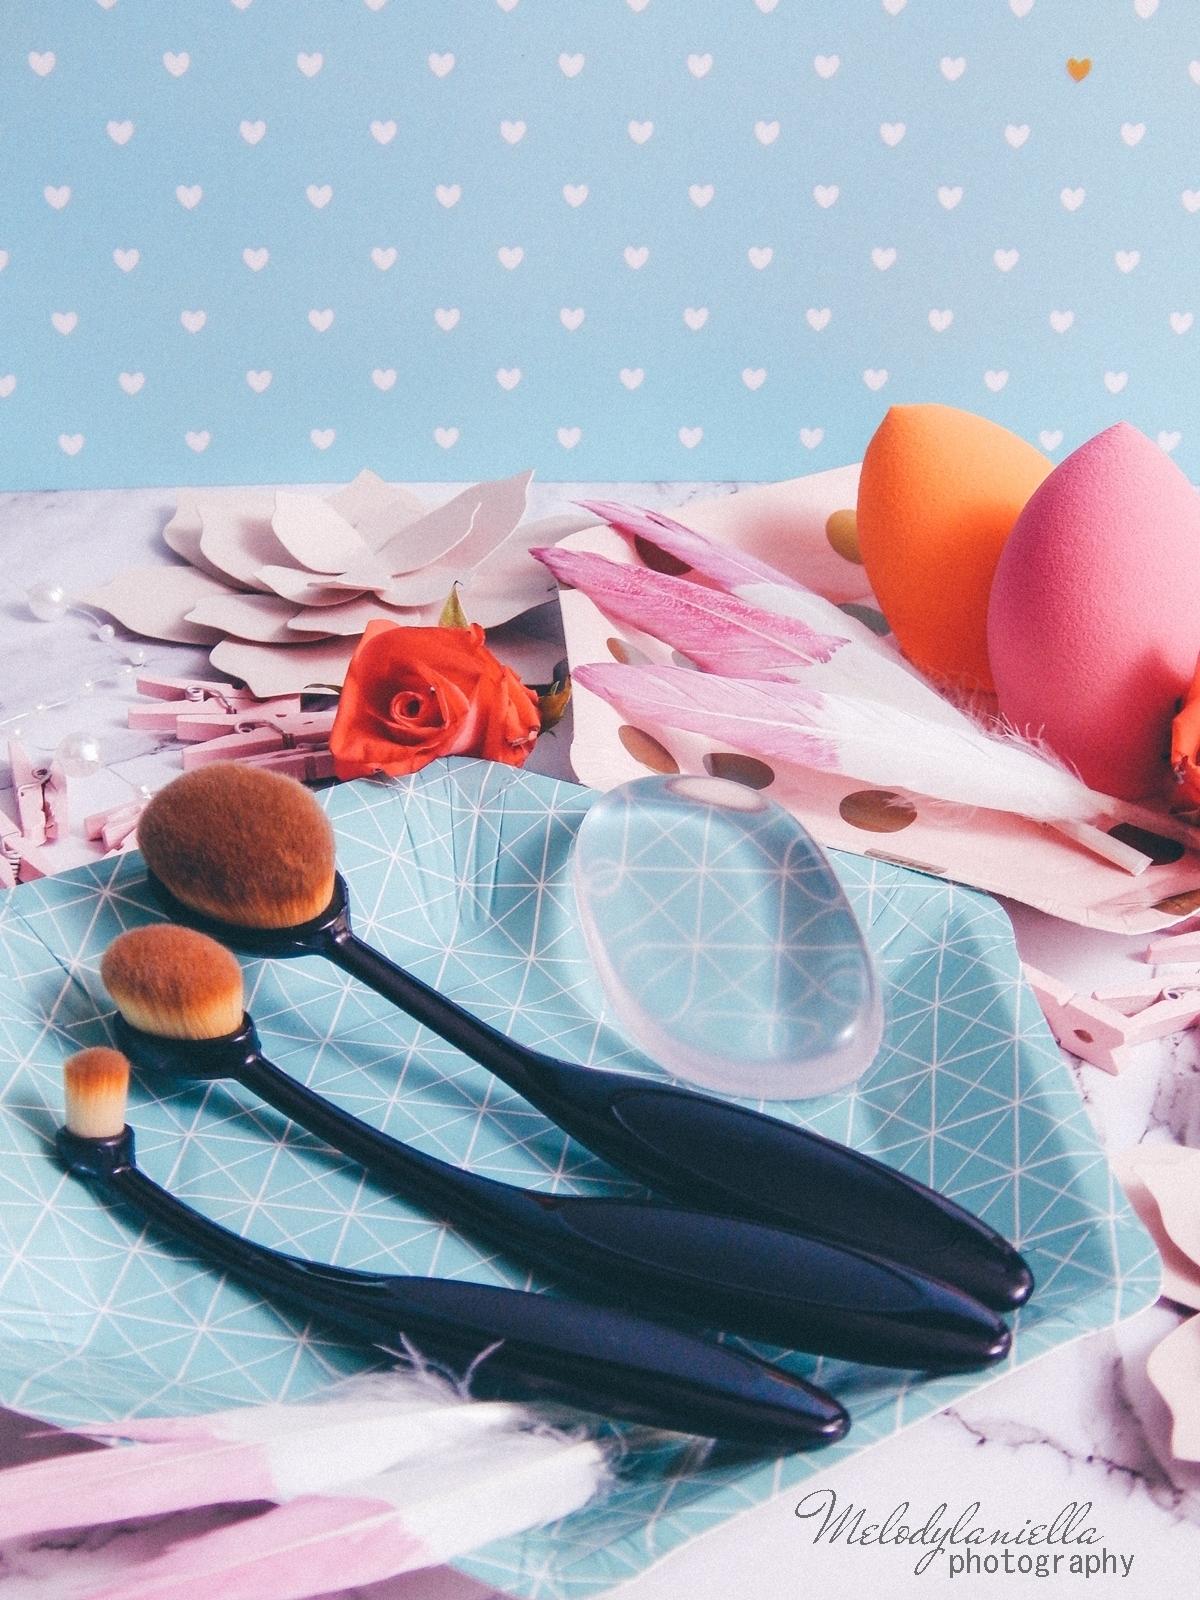 9 clavier gąbka do makijażu blending sponge szczoteczka do aplikacji cieni bazy korektora rozświetlacza bronzera silikonowa gąbeczka do makijażu czym się malować akcesoria kosmetyczne pędzle do makijażu gąbki